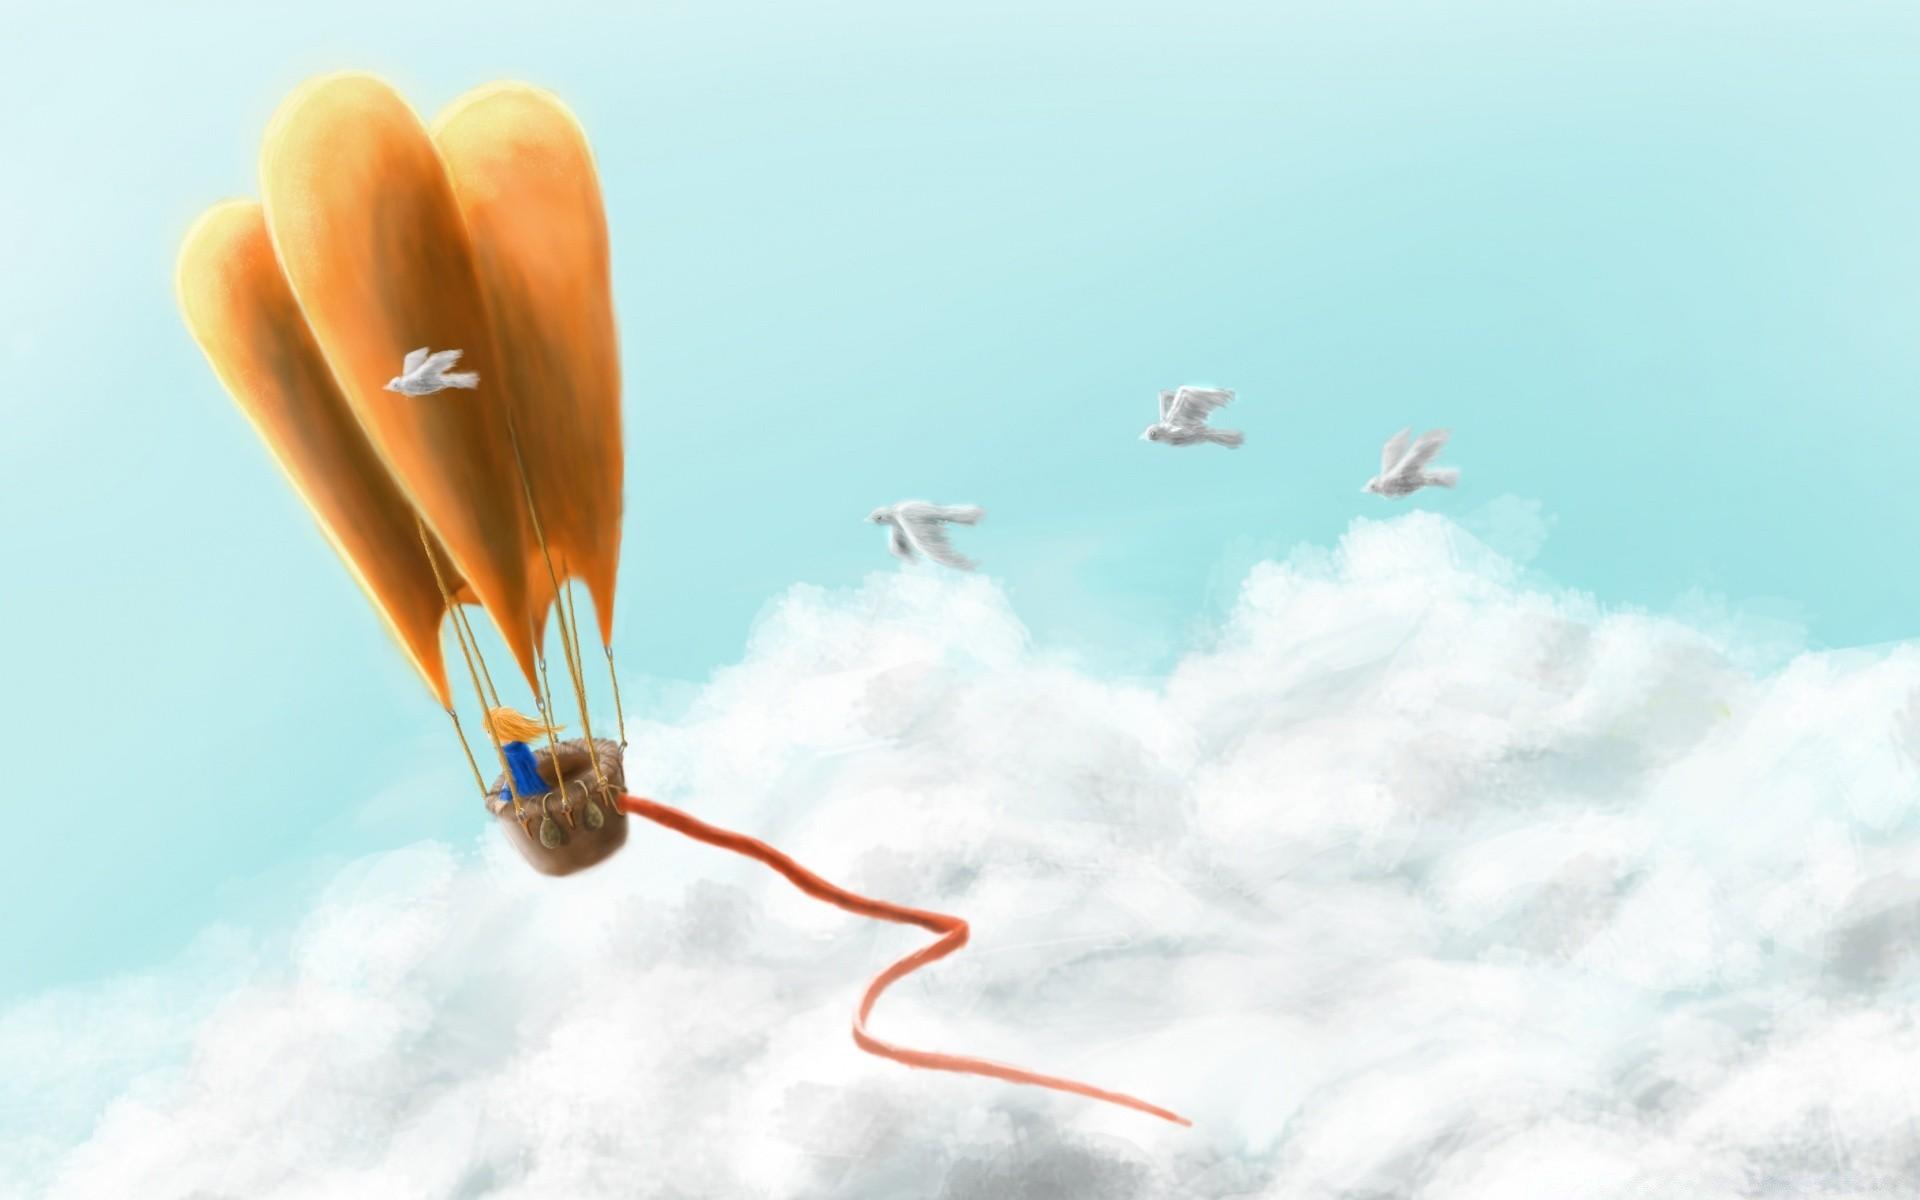 картинки с воздушными разрывами идеи, нестандартные